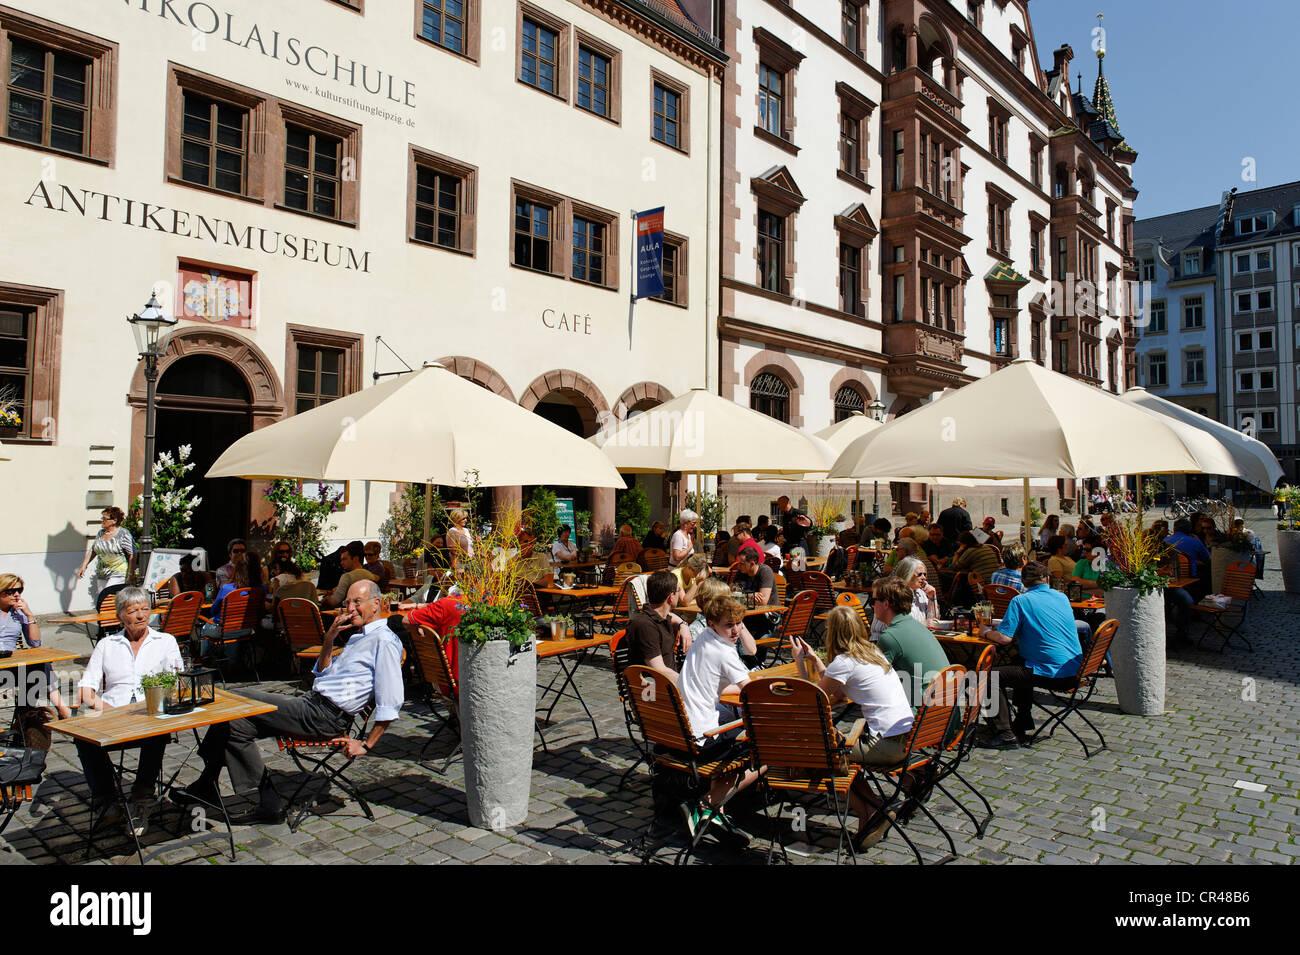 Restaurant terrace, Alte Nikolaischule, Nikolaikirchhof square, Leipzig, Saxonia, Germany, Europe - Stock Image